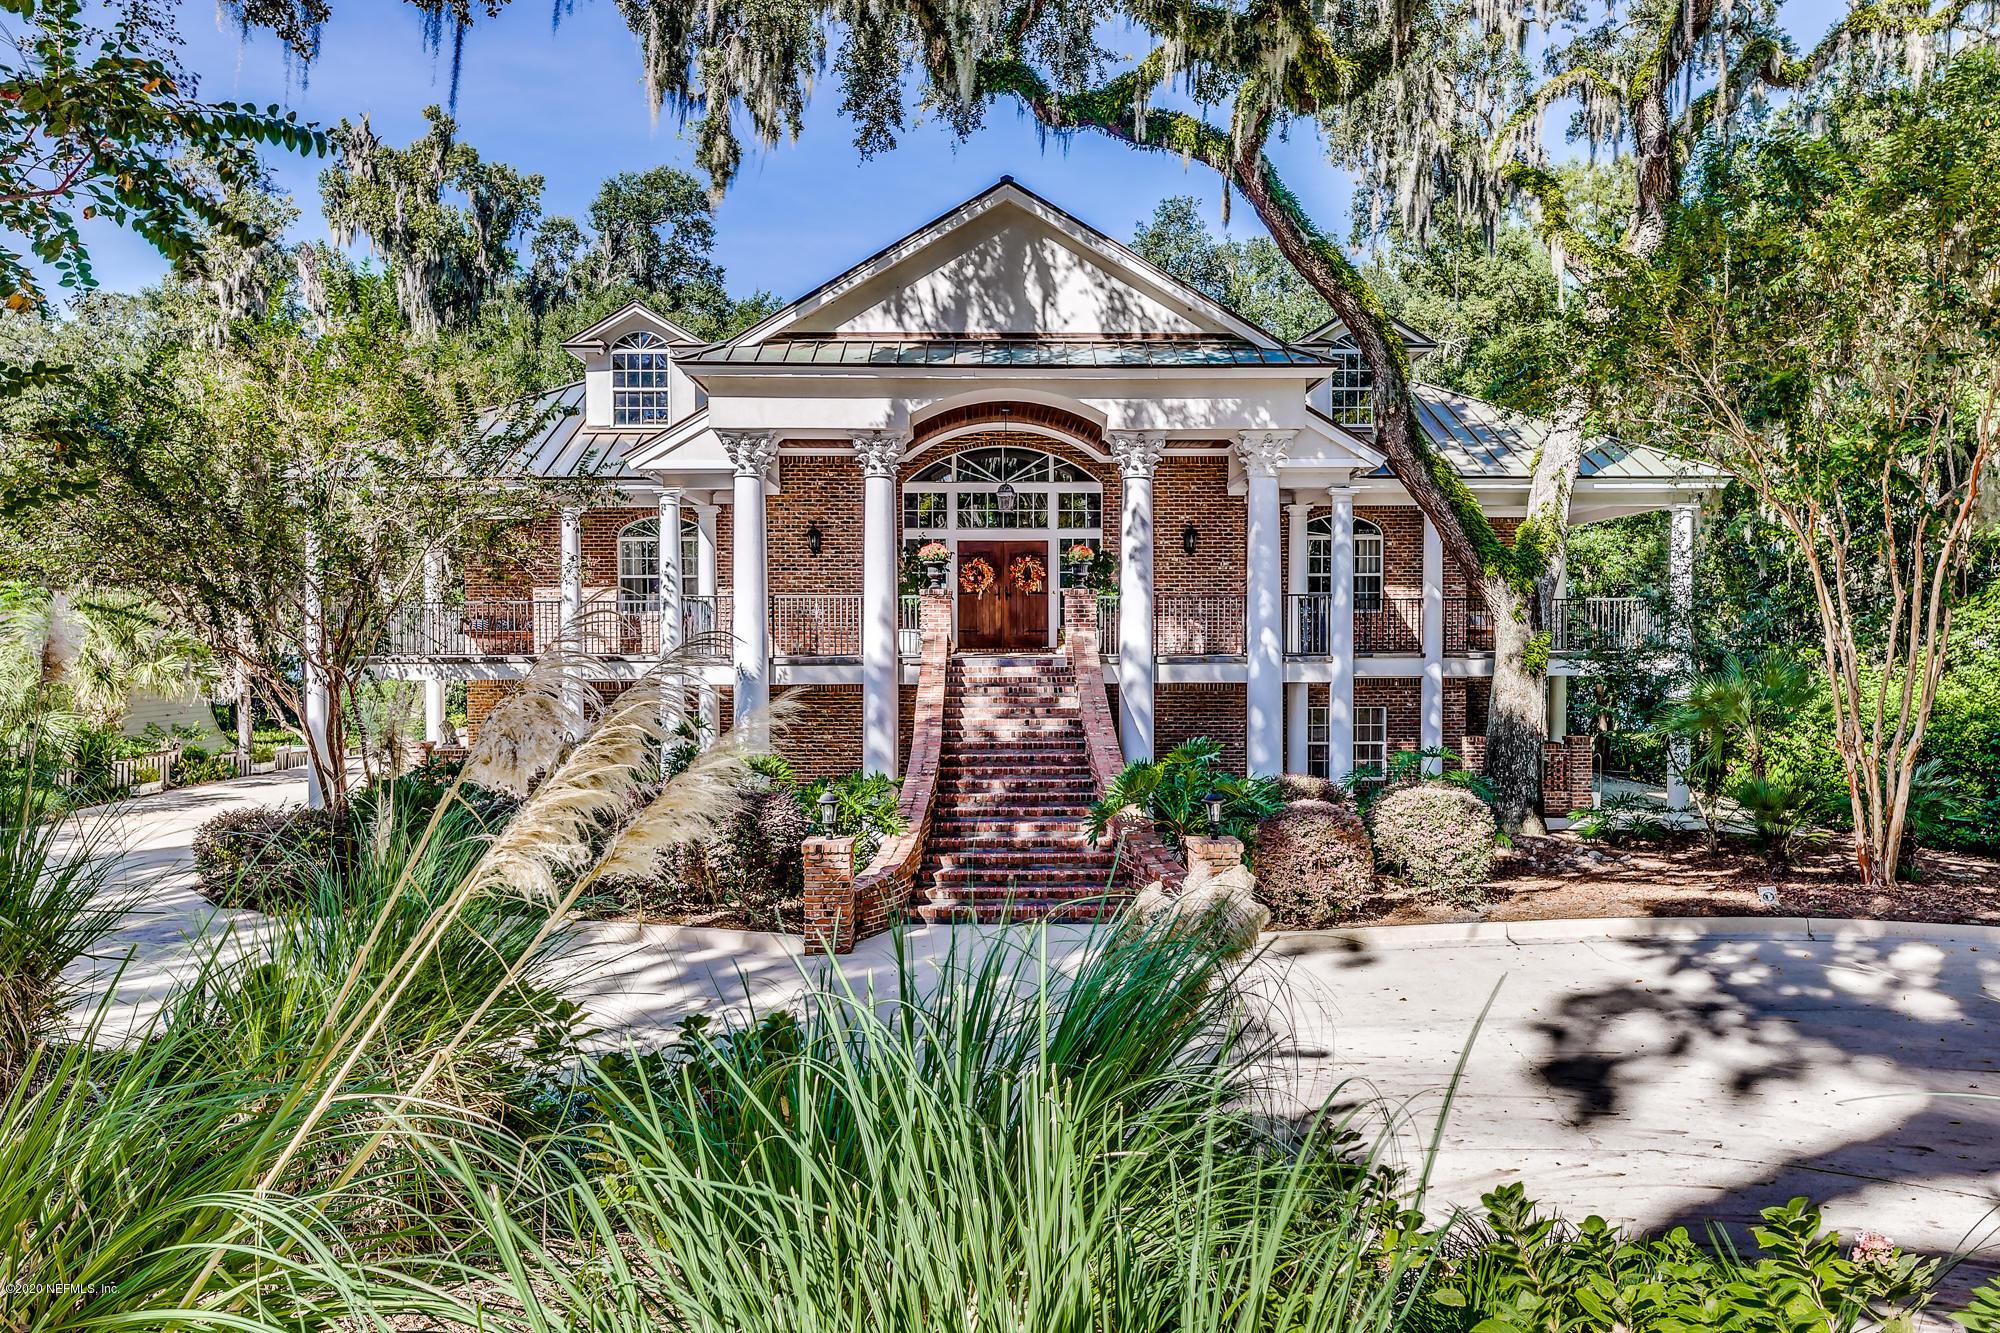 4200 ORTEGA FOREST, JACKSONVILLE, FLORIDA 32210, 6 Bedrooms Bedrooms, ,5 BathroomsBathrooms,Residential,For sale,ORTEGA FOREST,1037198